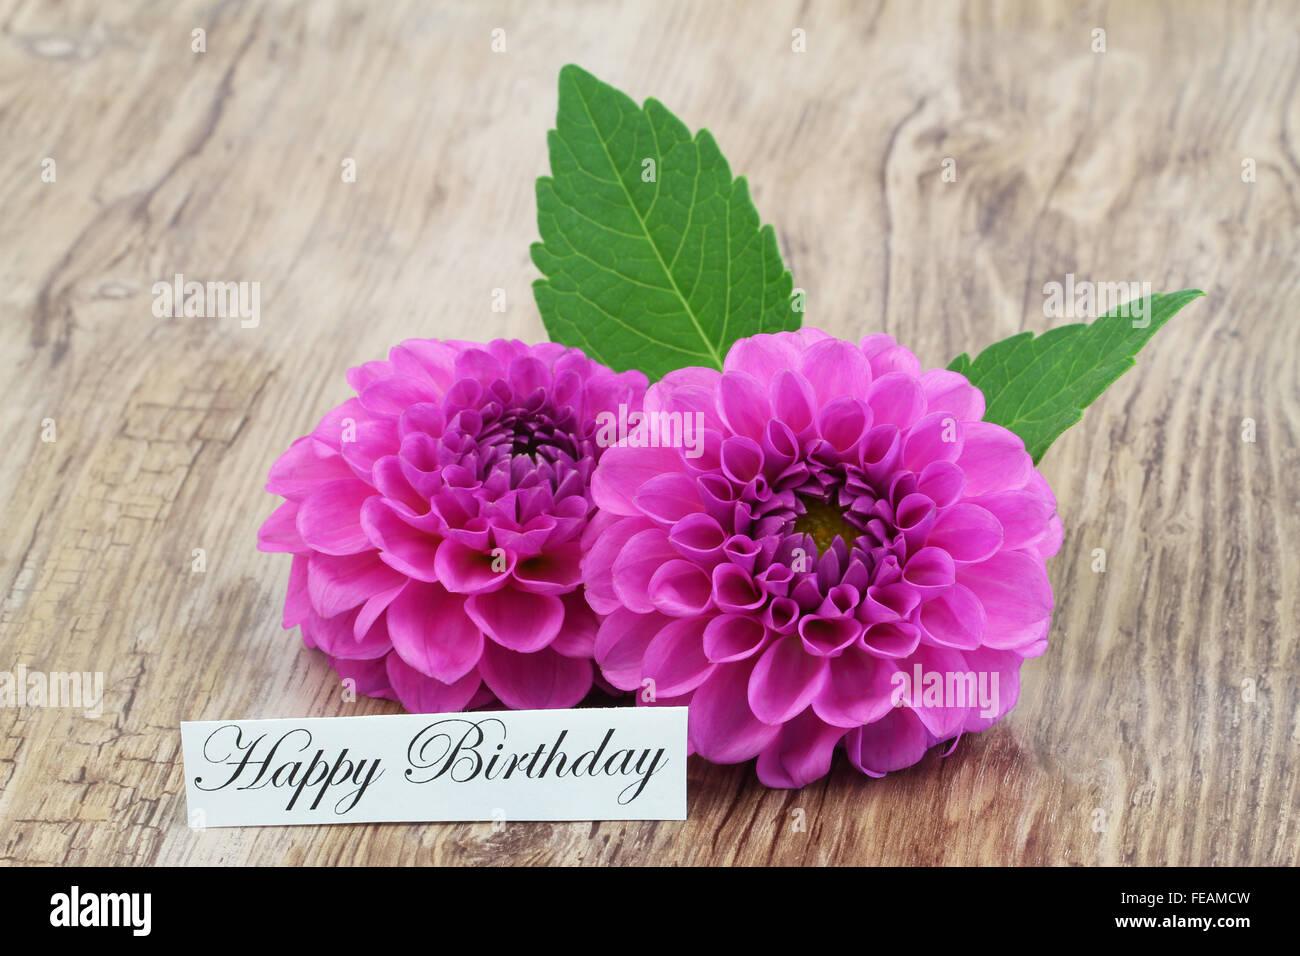 Happy birthday card dahlia flowers stock photos happy birthday happy birthday card with two pink dahlia flowers stock image izmirmasajfo